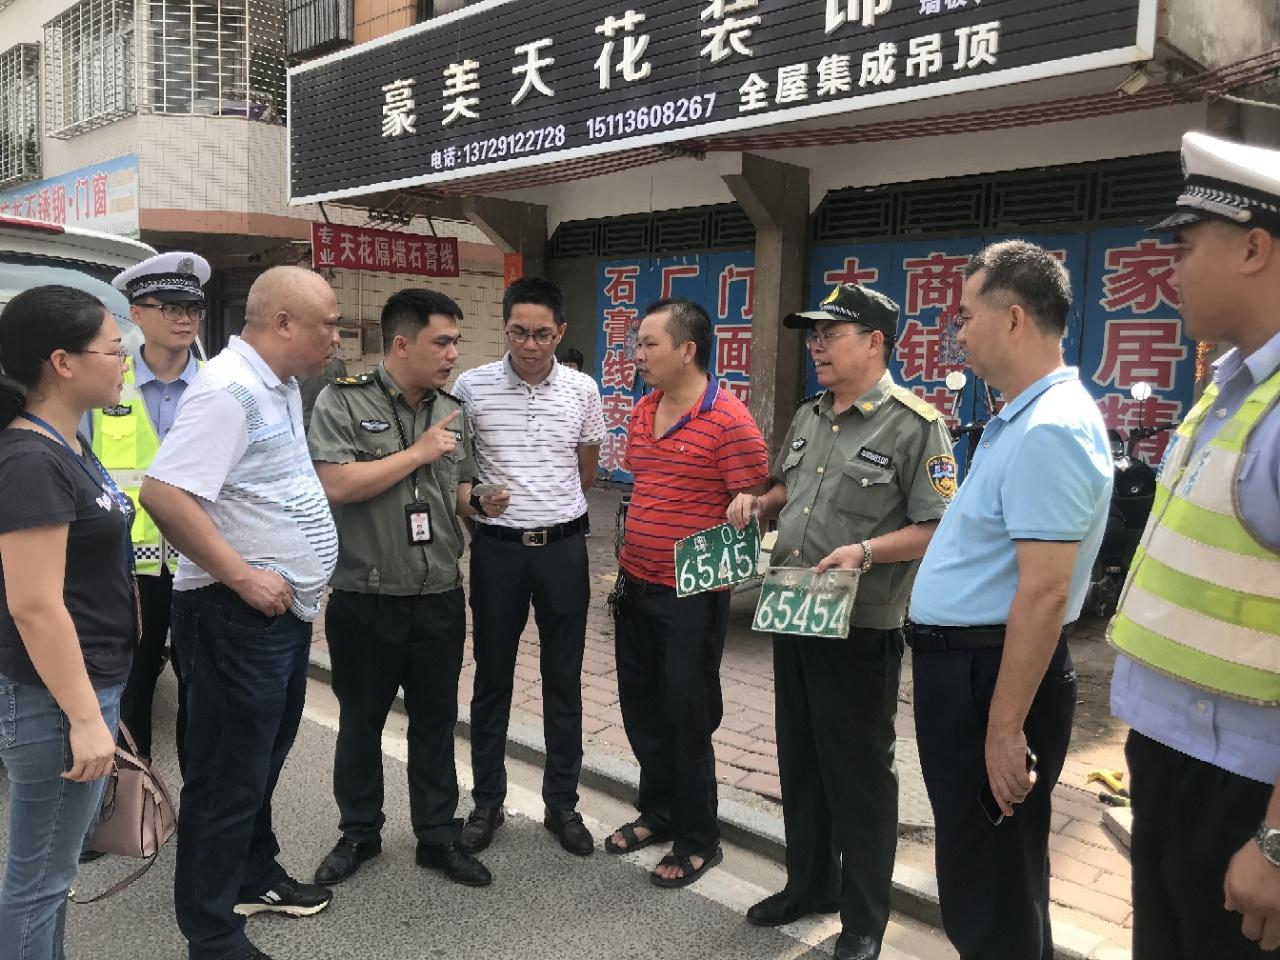 湛江市农业农村局联合开展农机道路安全执法检查